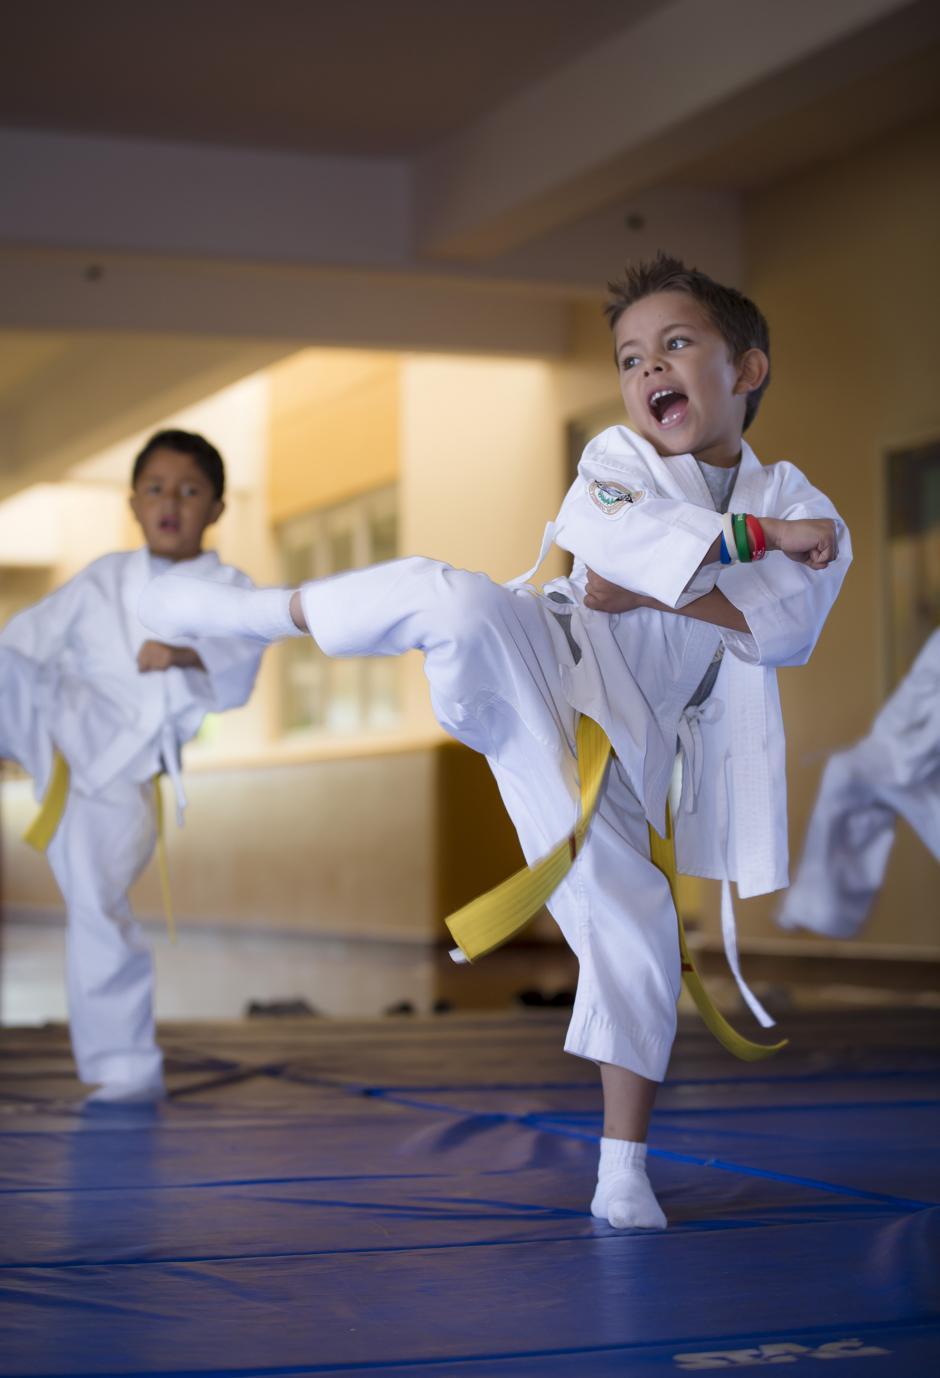 Una vez por semana los niños reciben clases de karate en las instalaciones del colegio. (Foto: George Rojas/Soy502)